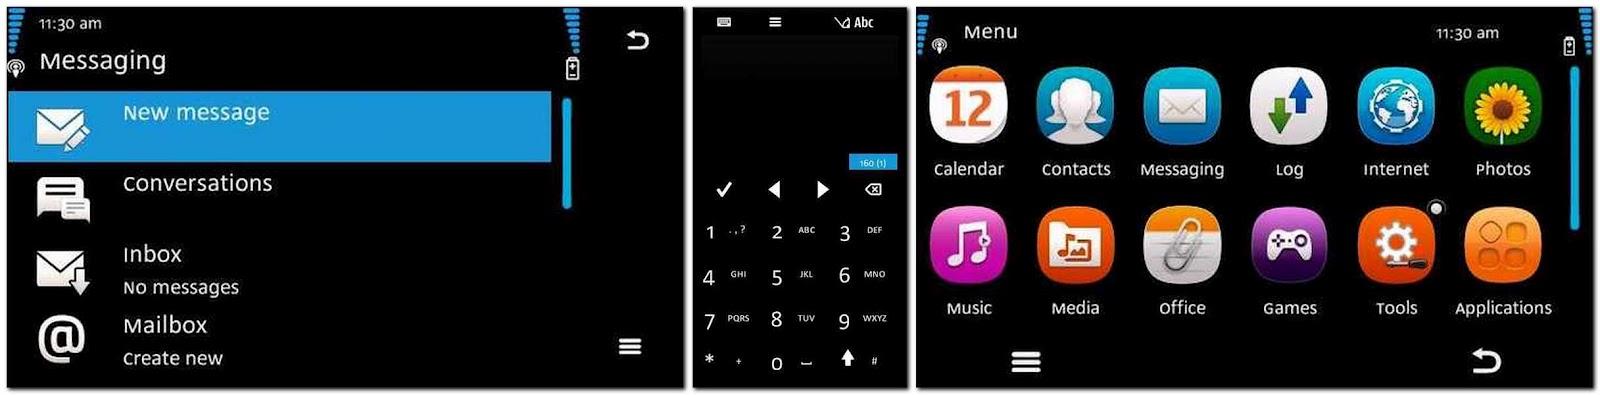 Download Nfs Motion Sensor Games For Nokia 5233 - lostchurch